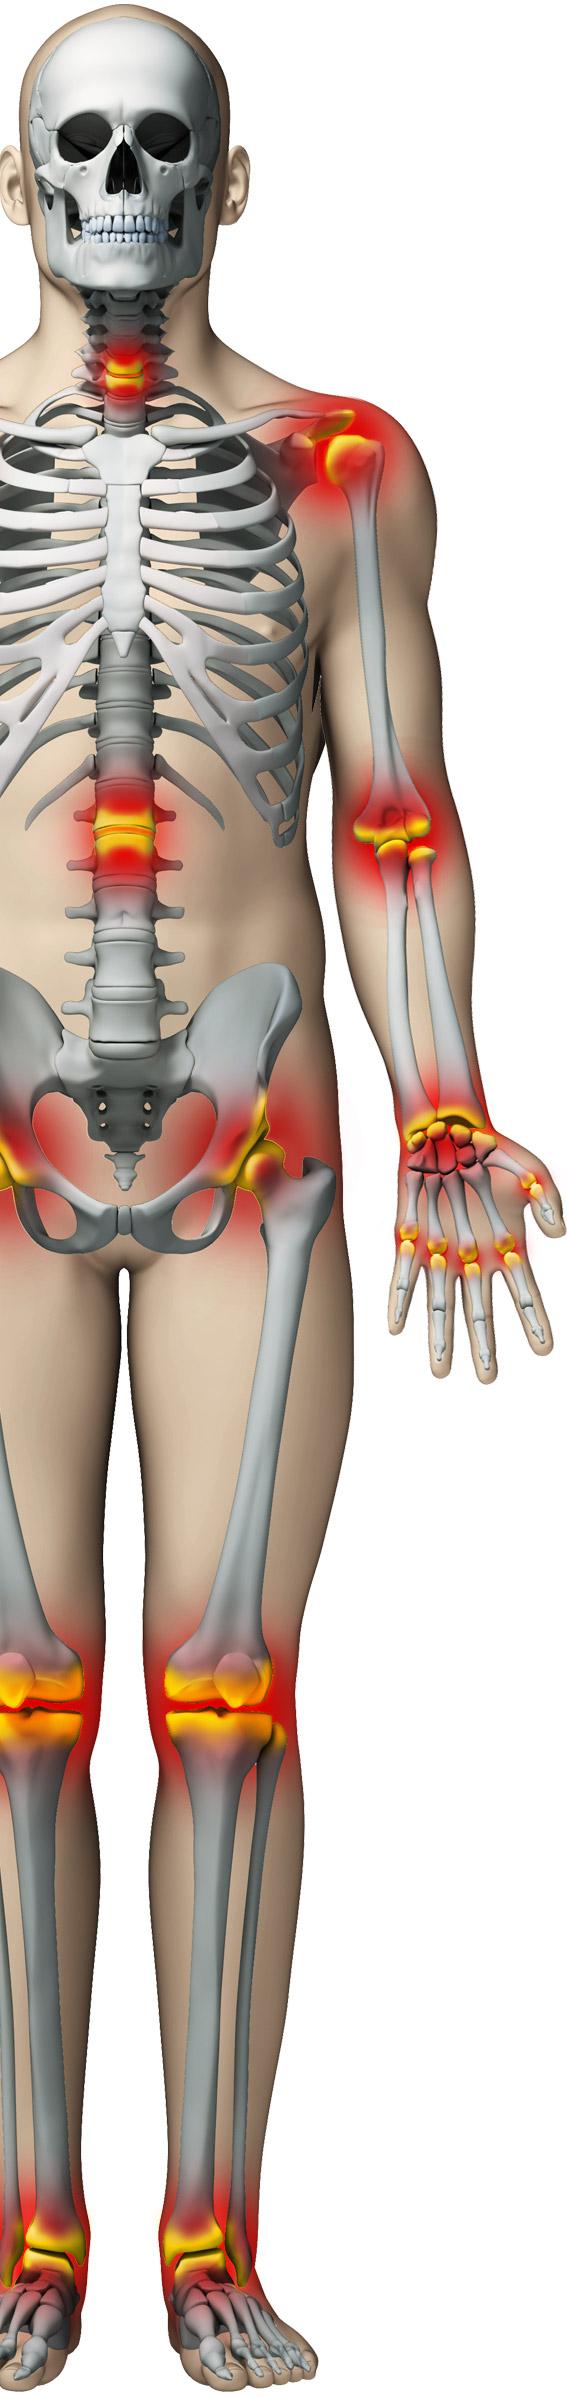 articulațiile doare decât sunt tratate unguent pentru durere în articulații cu artroză